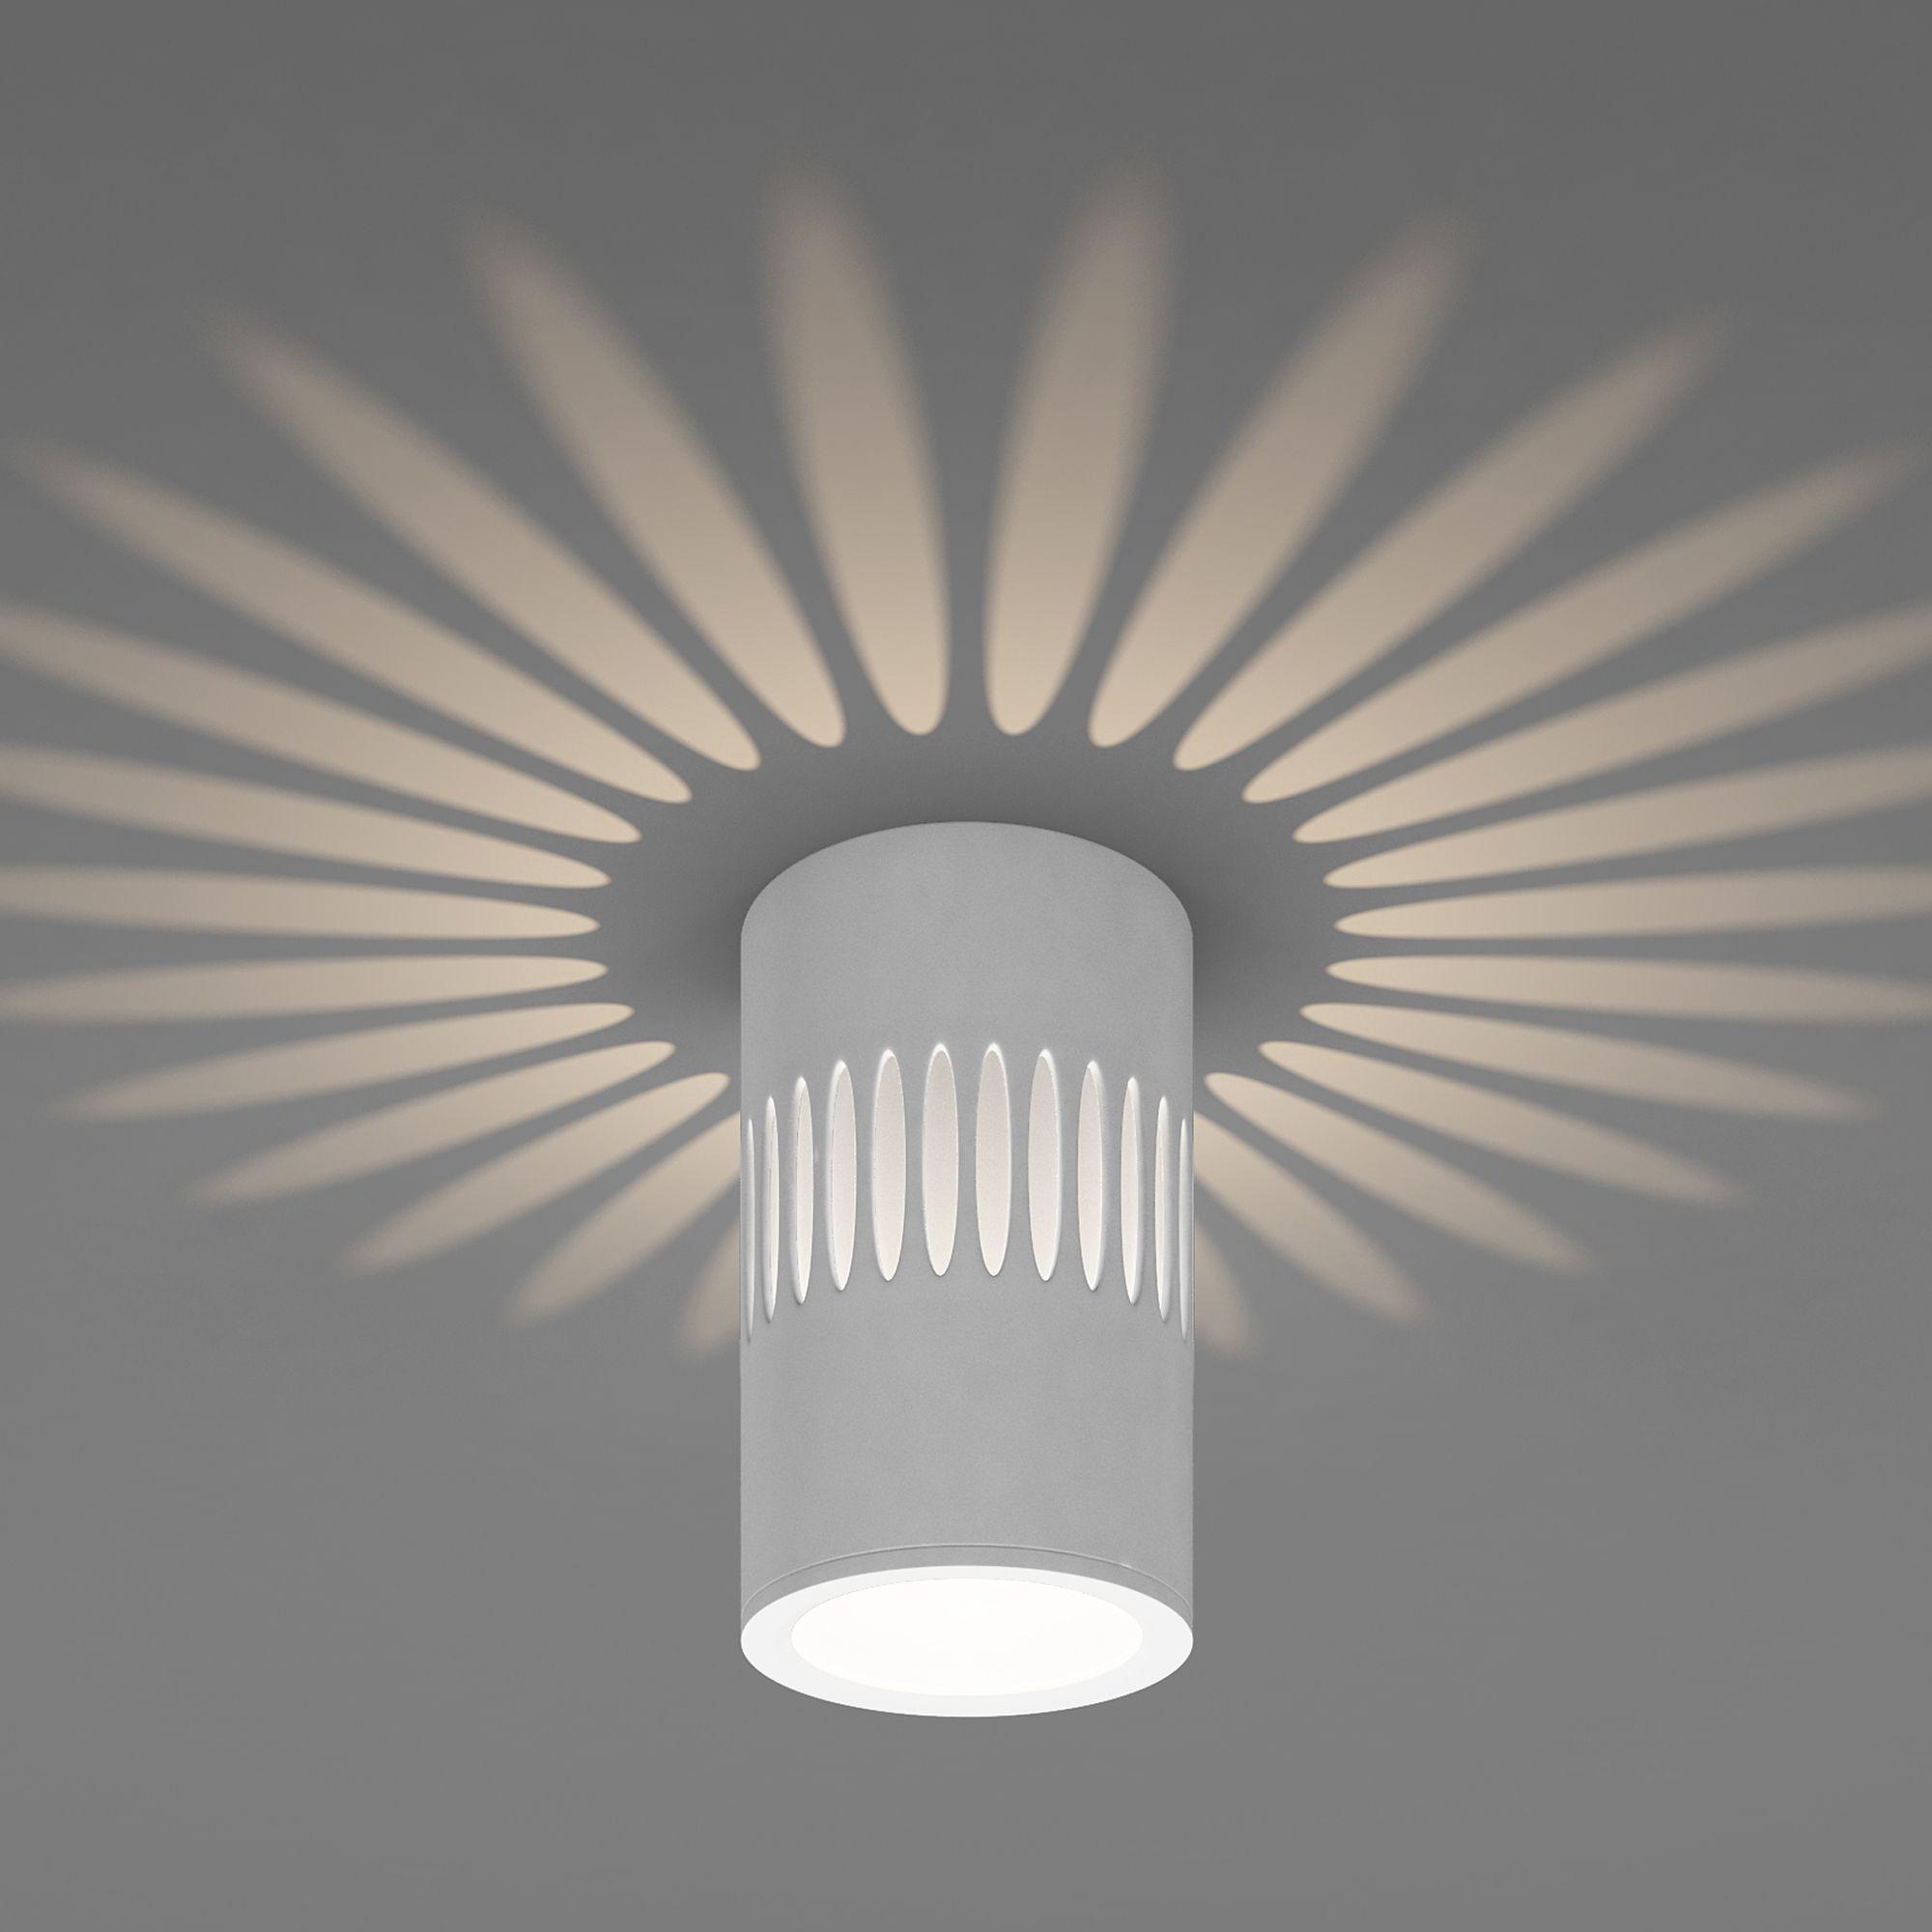 Накладной точечный светильник с подсветкой DLS026